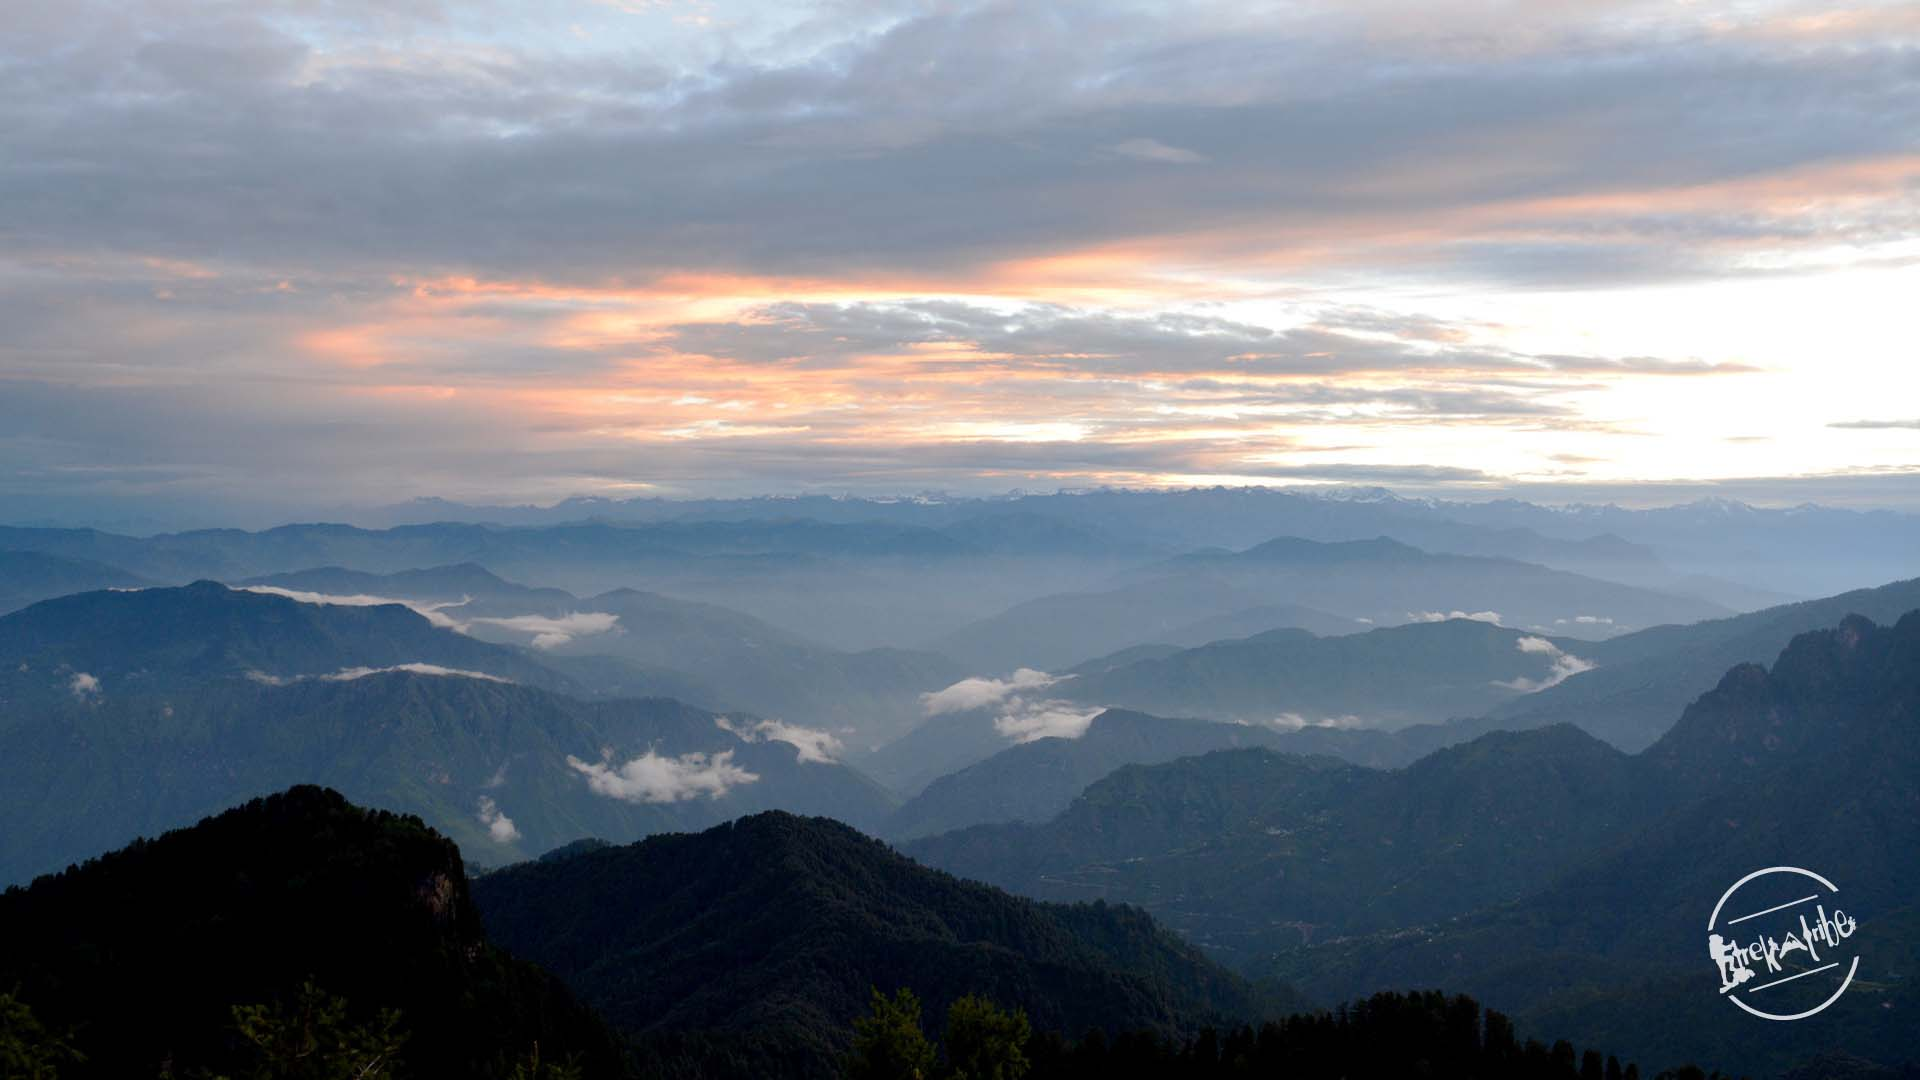 Shali Tibba Trekking -Blisfull Sunset